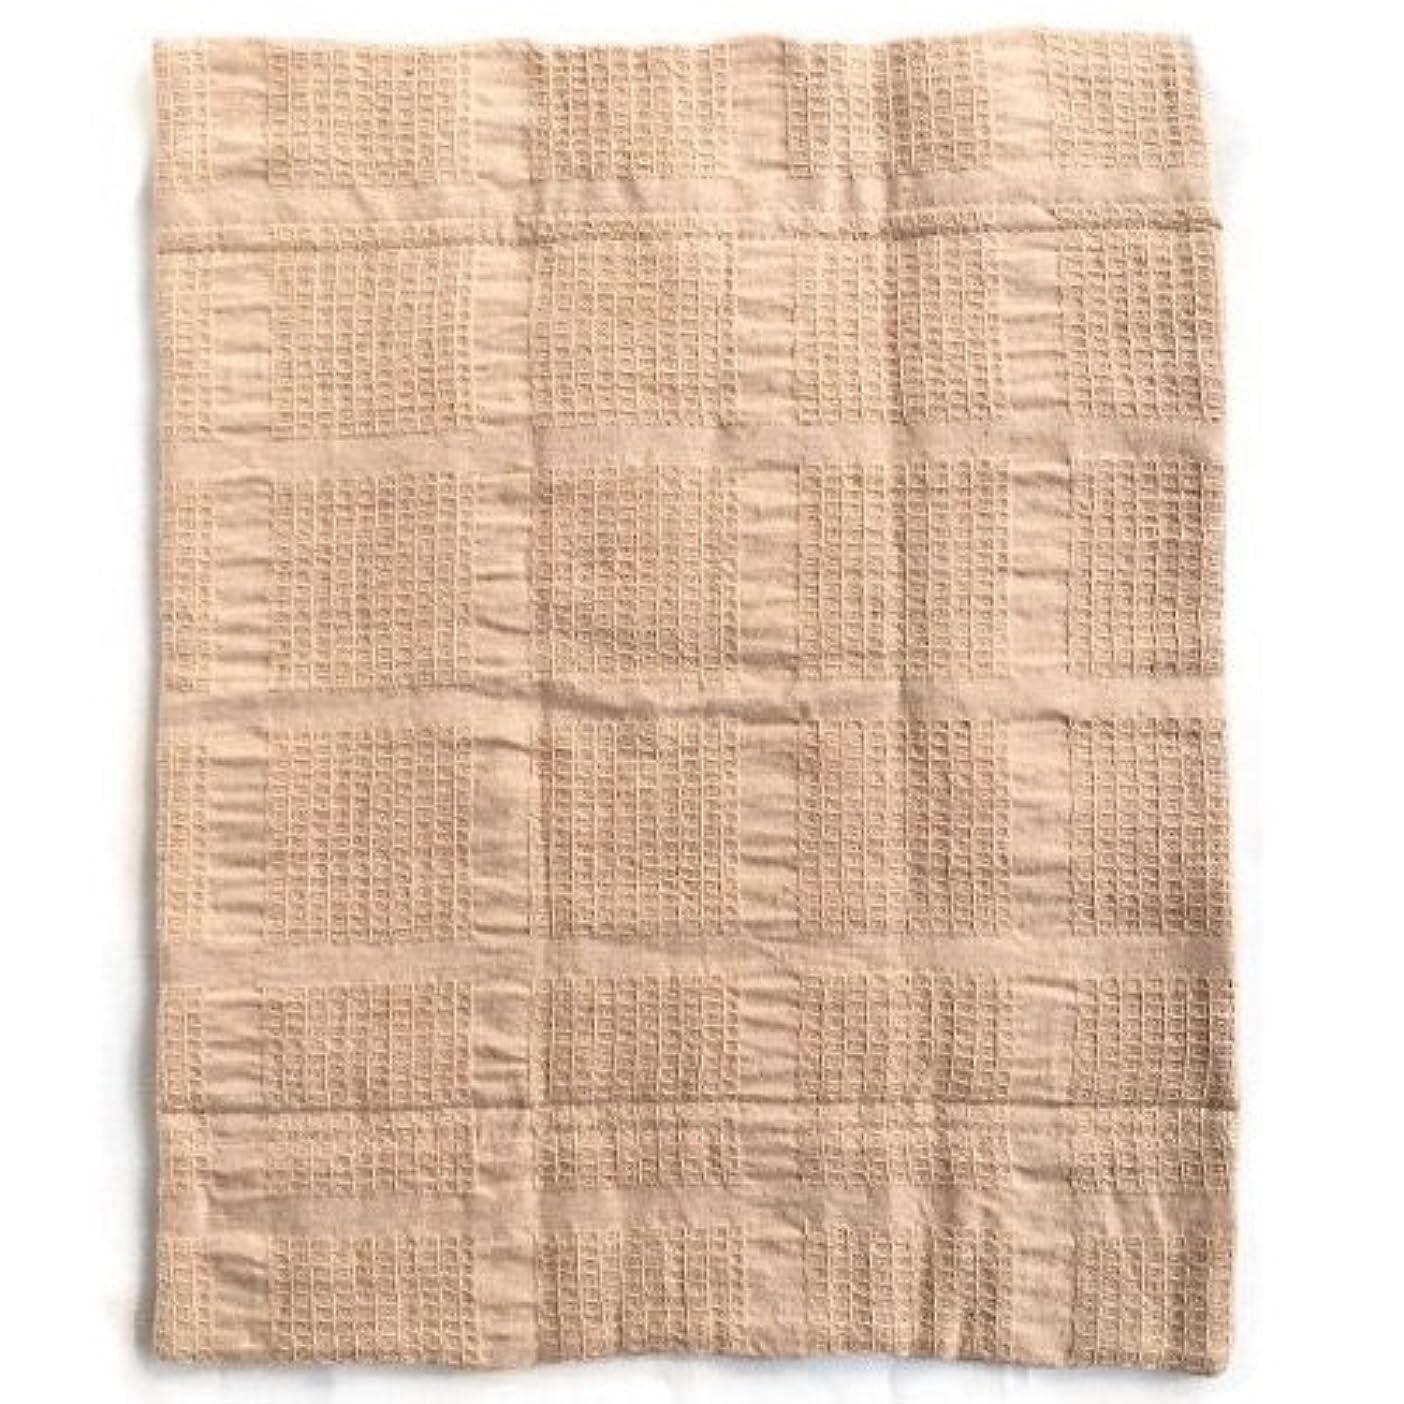 転送に変わる家具華布のオーガニックコットンの布ナプキン LLサイズ(約28cm×約35cm) 1枚入り